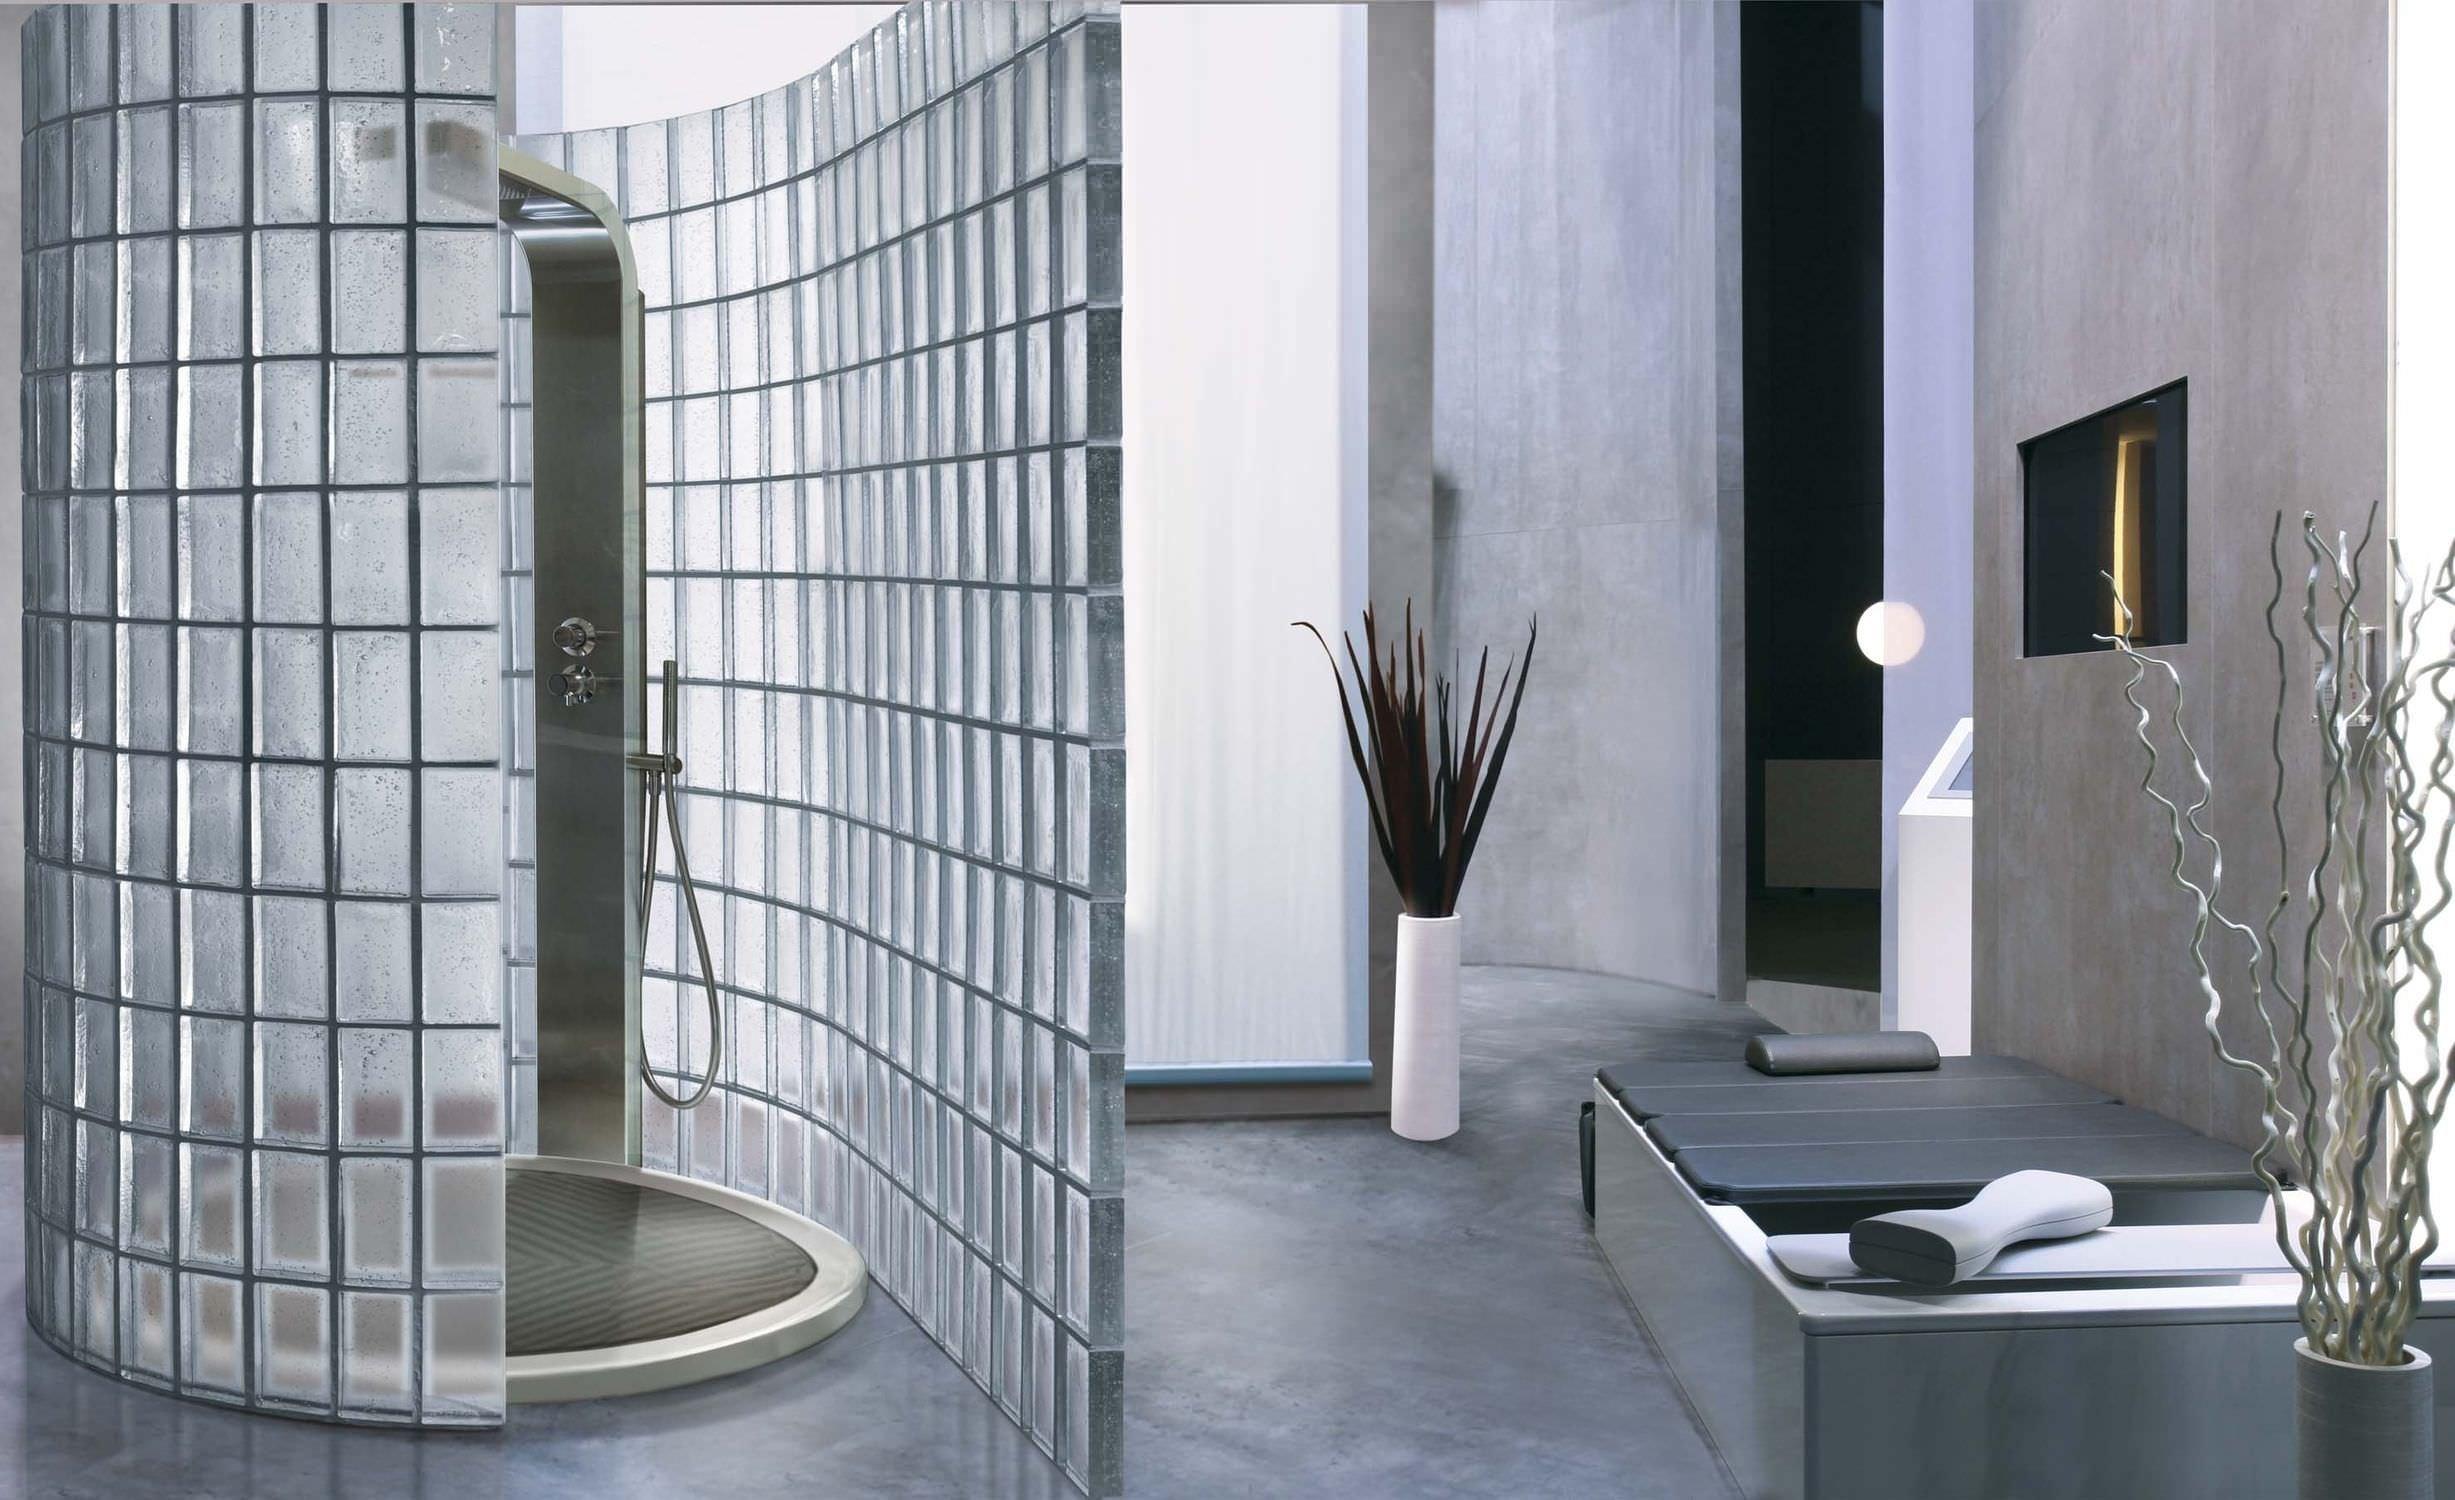 Luxfery se vrací s velkou pompou! Už to nejsou ty staré známé skleněné tvárnice vpasované do konstrukcí skleníků nebo záchodových okýnek, moderní luxfery boří staré mýty a stávají se materiálem budoucnosti.